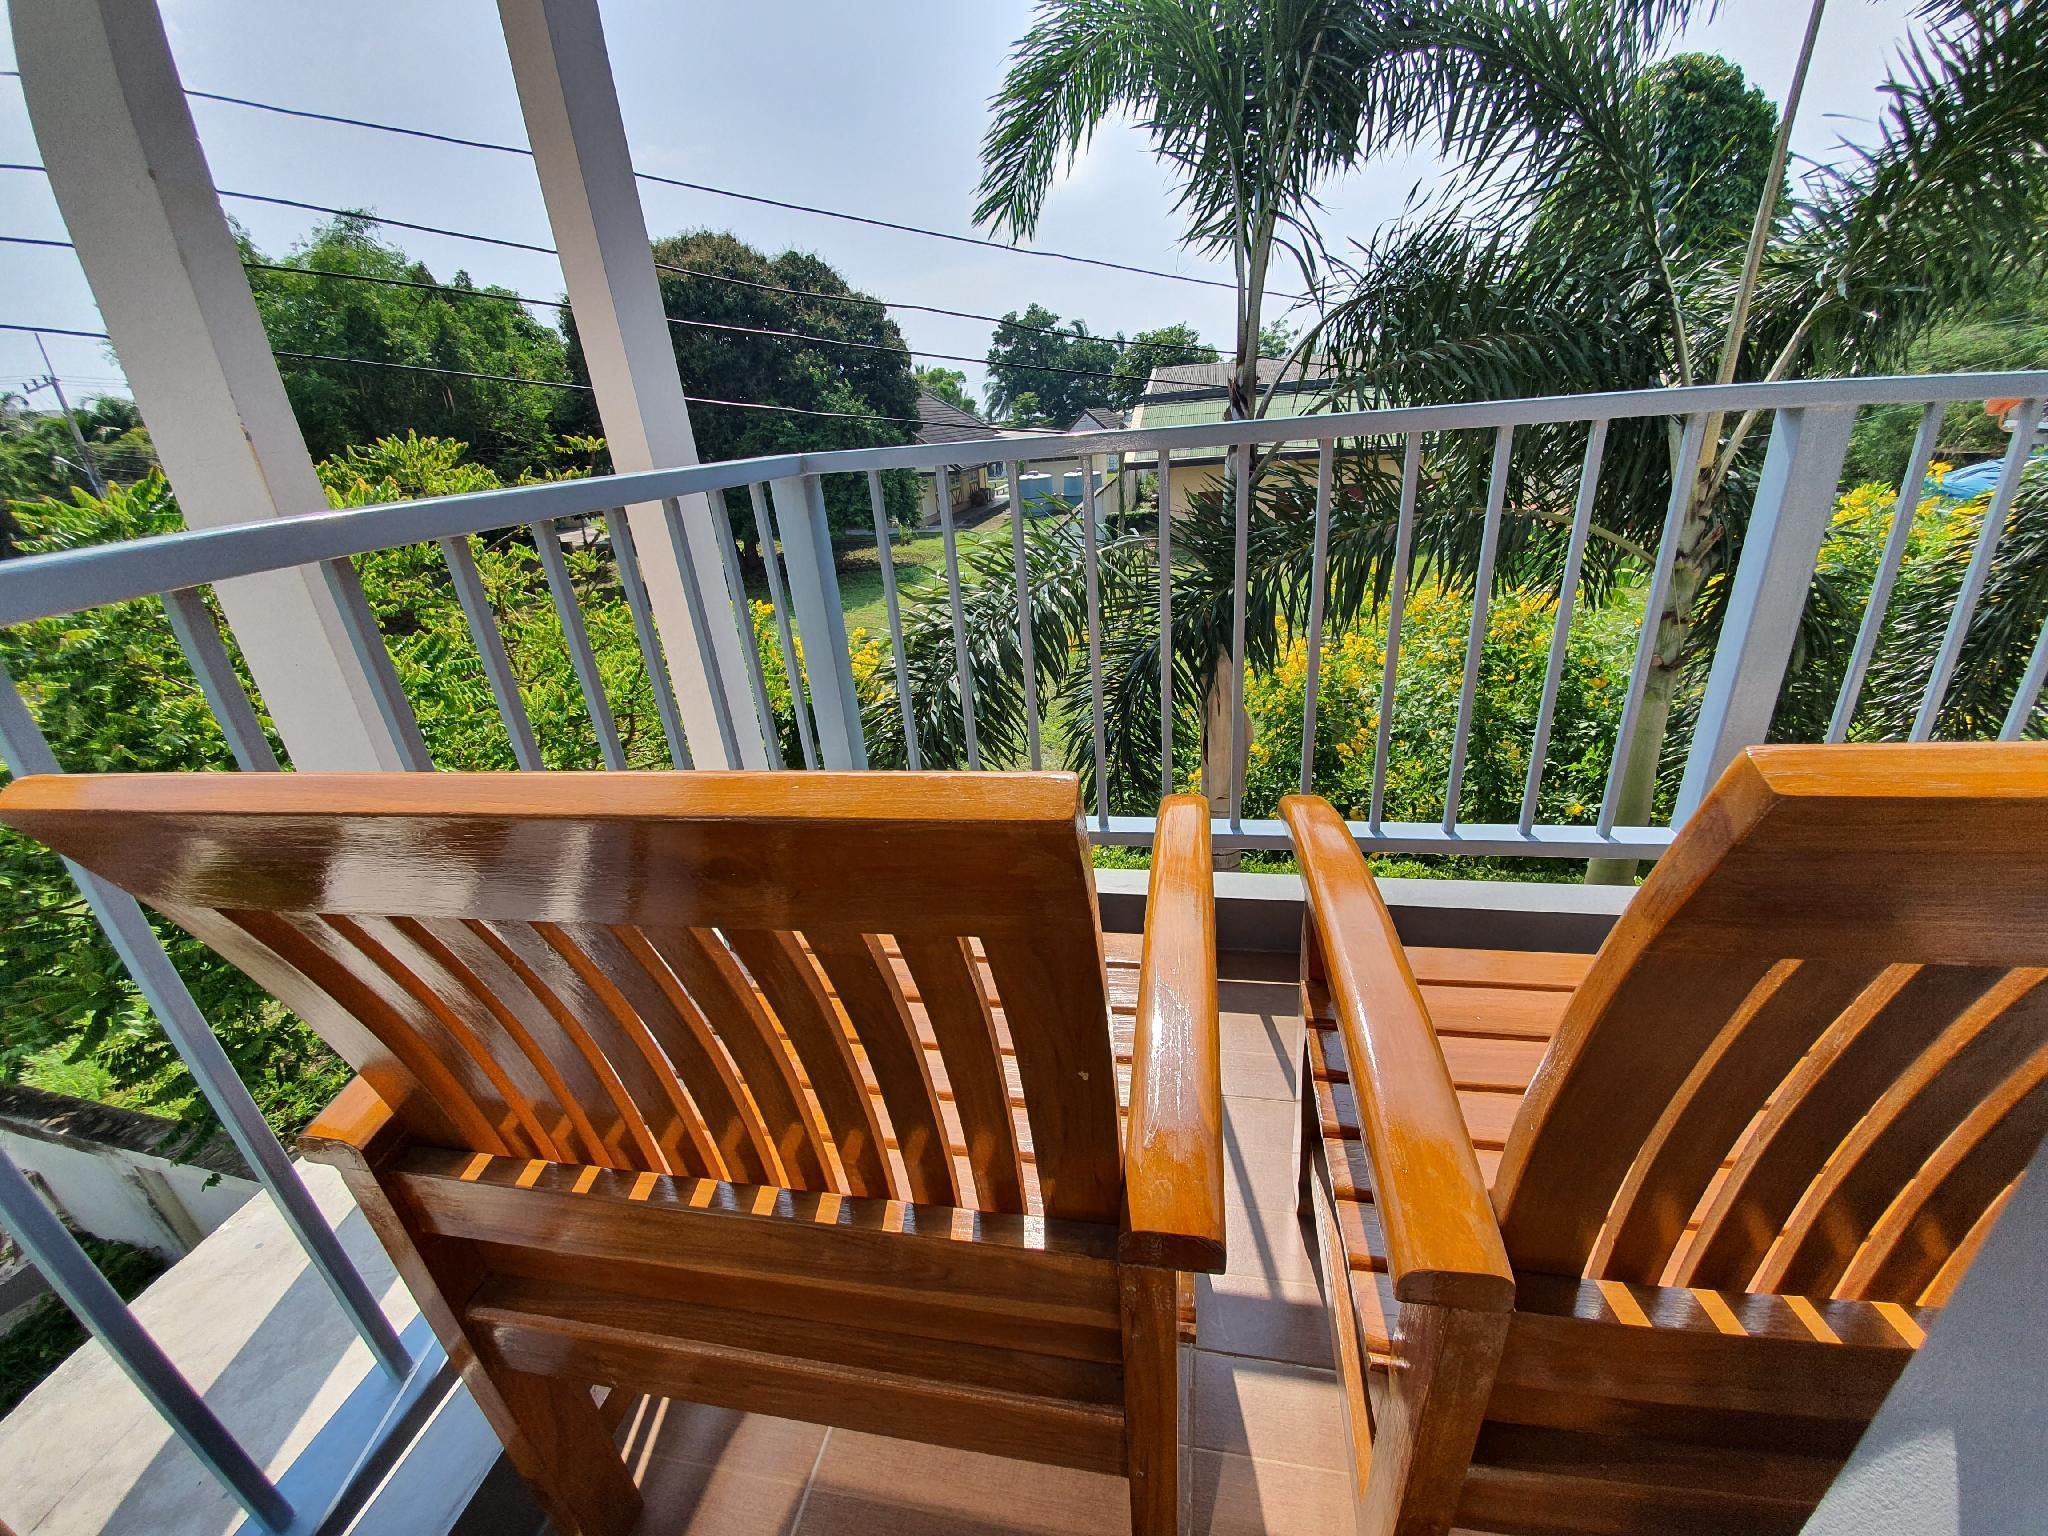 The Exclusive Garden View 1 Bedroom At Bangsaen